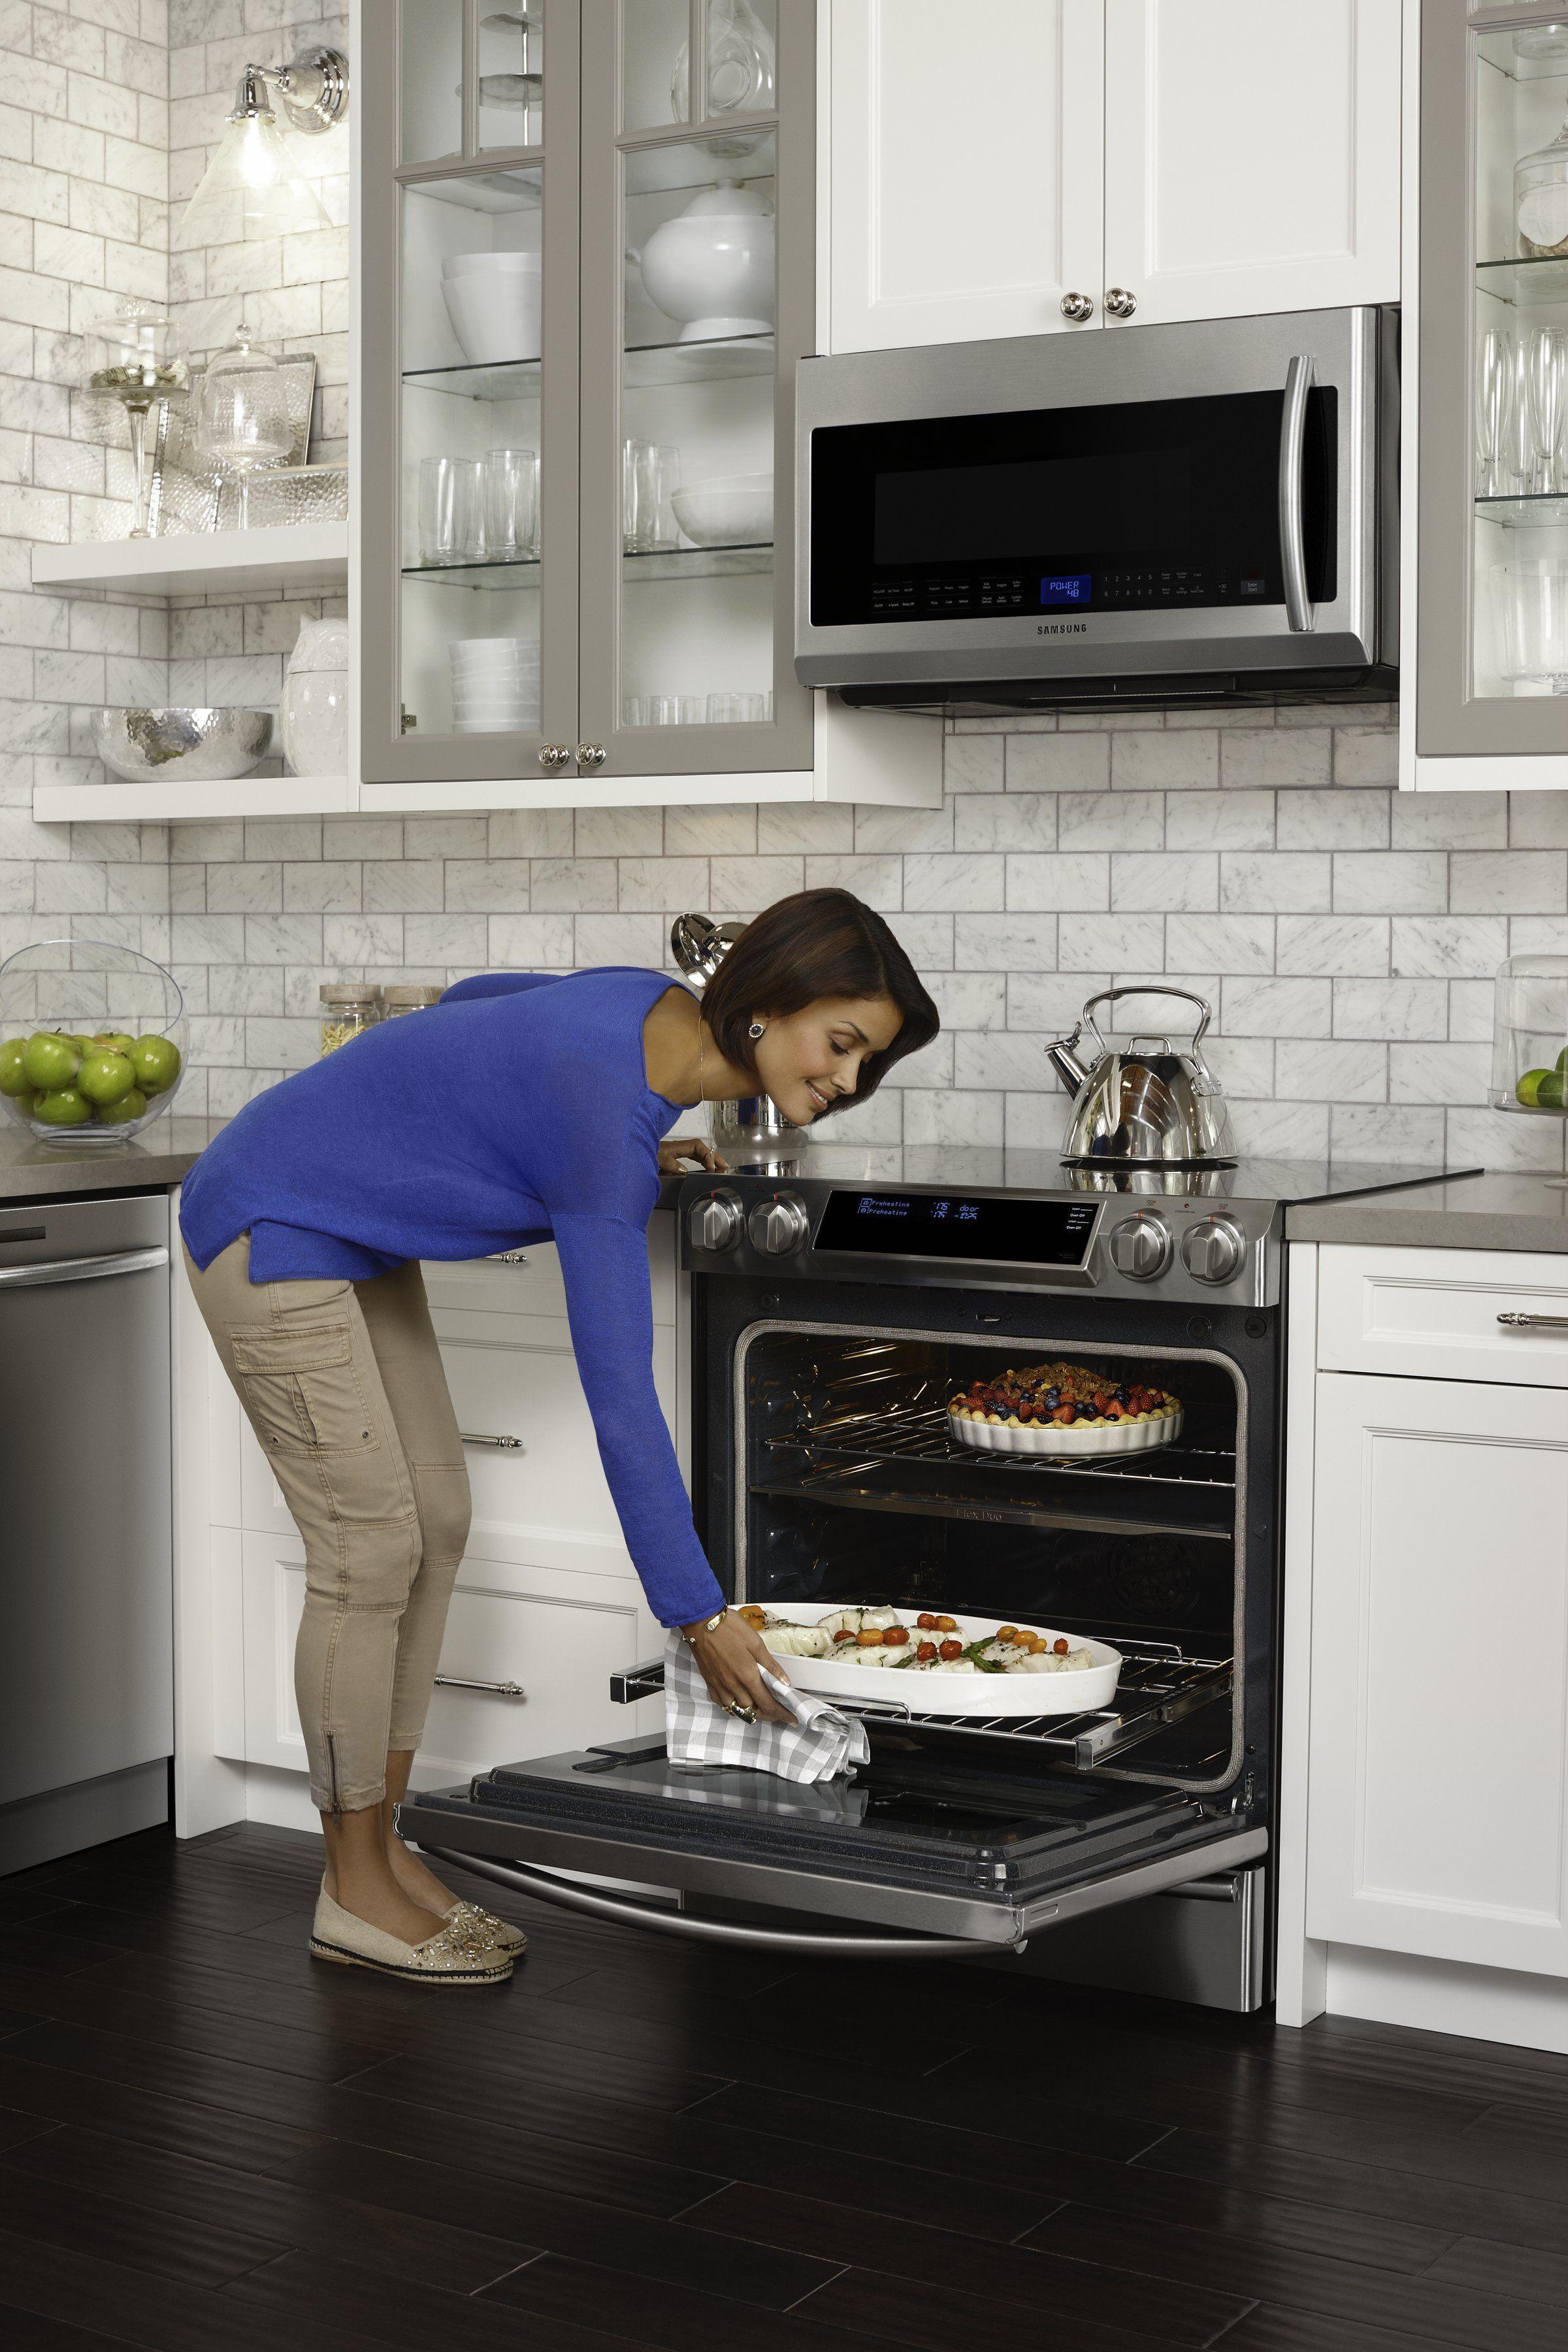 Samsung Ne58f9710ws 2 299 00 Samsung Appliances Kitchen Design Small Luxury Appliances